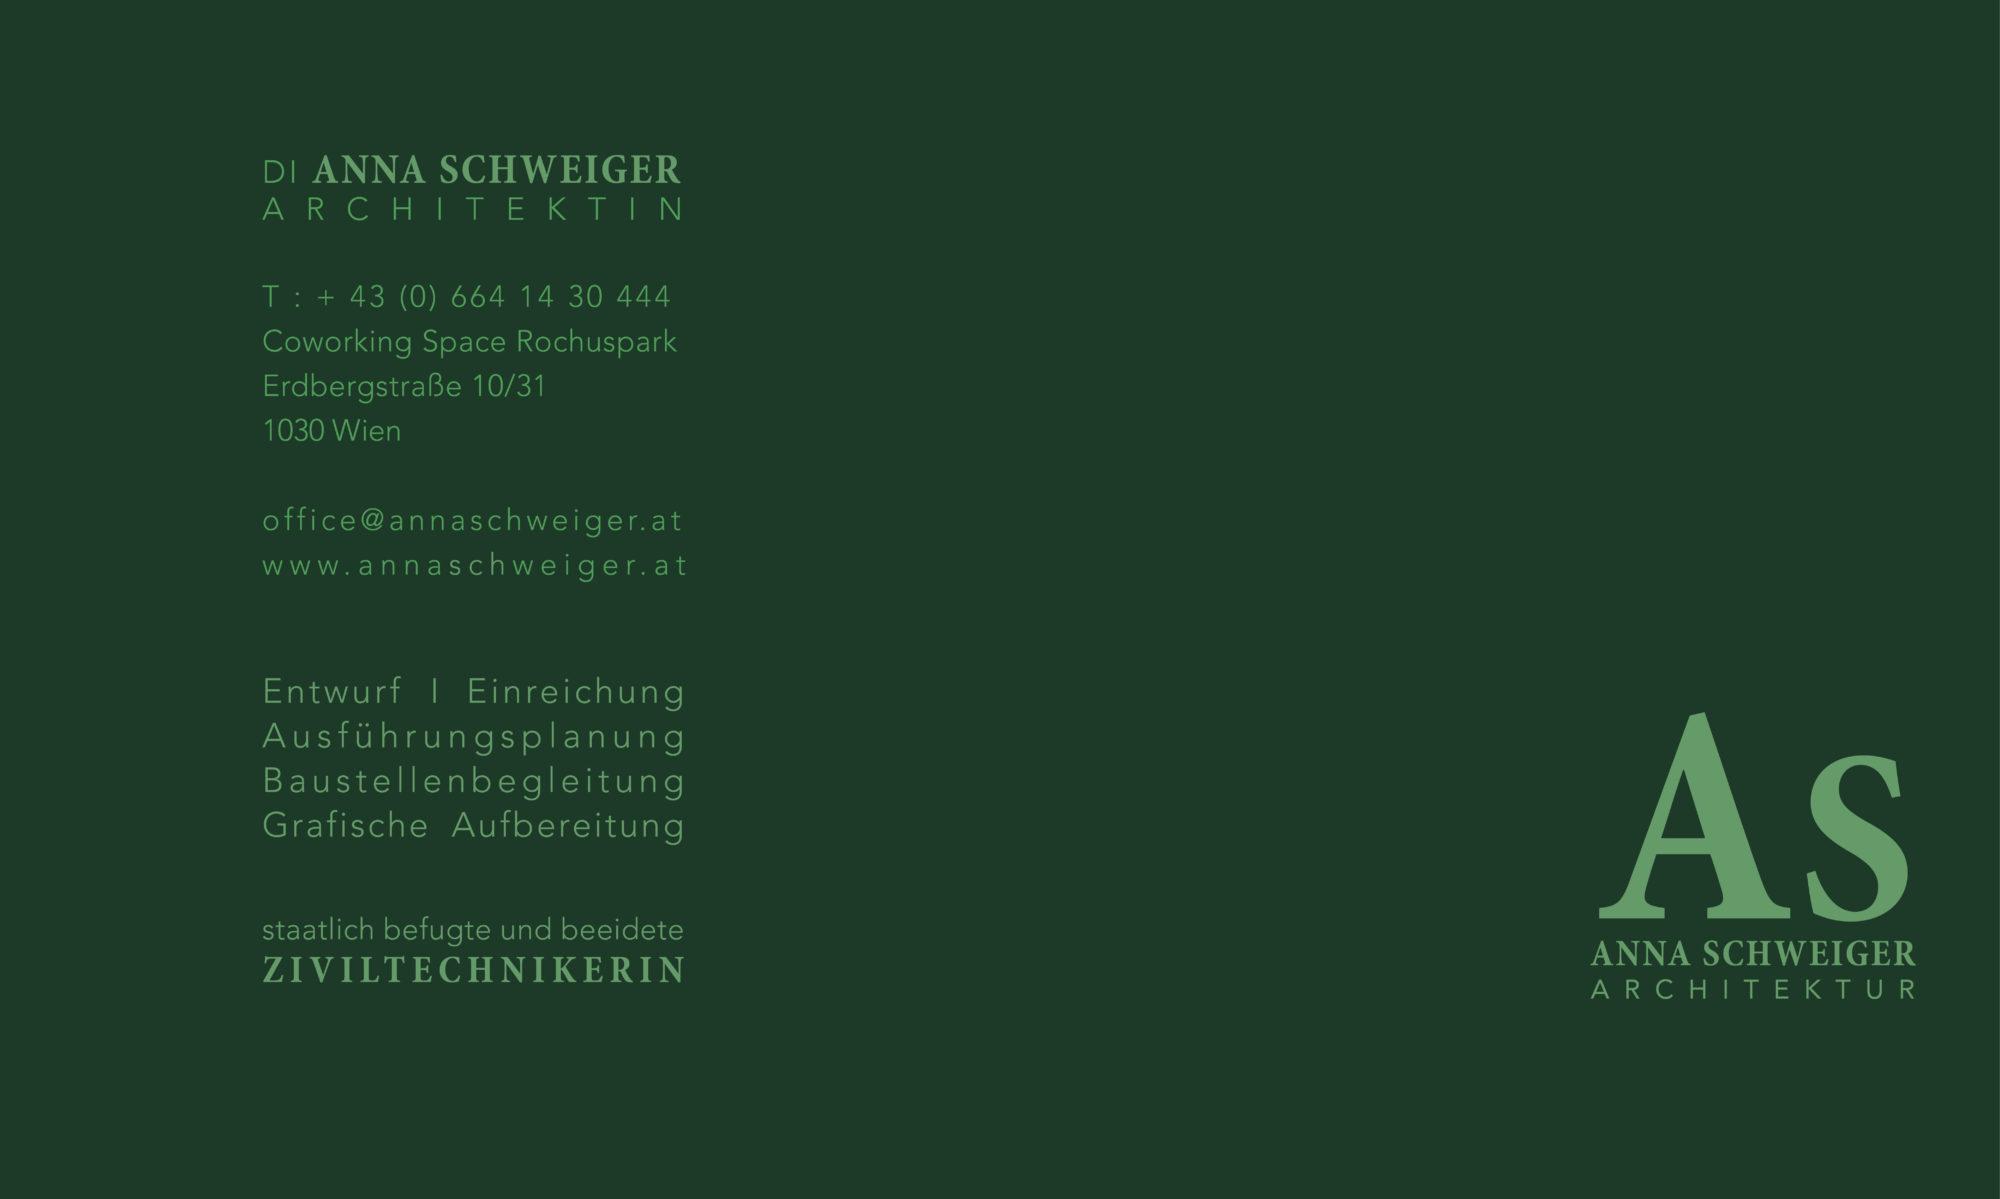 Anna Schweiger Architektur Wien